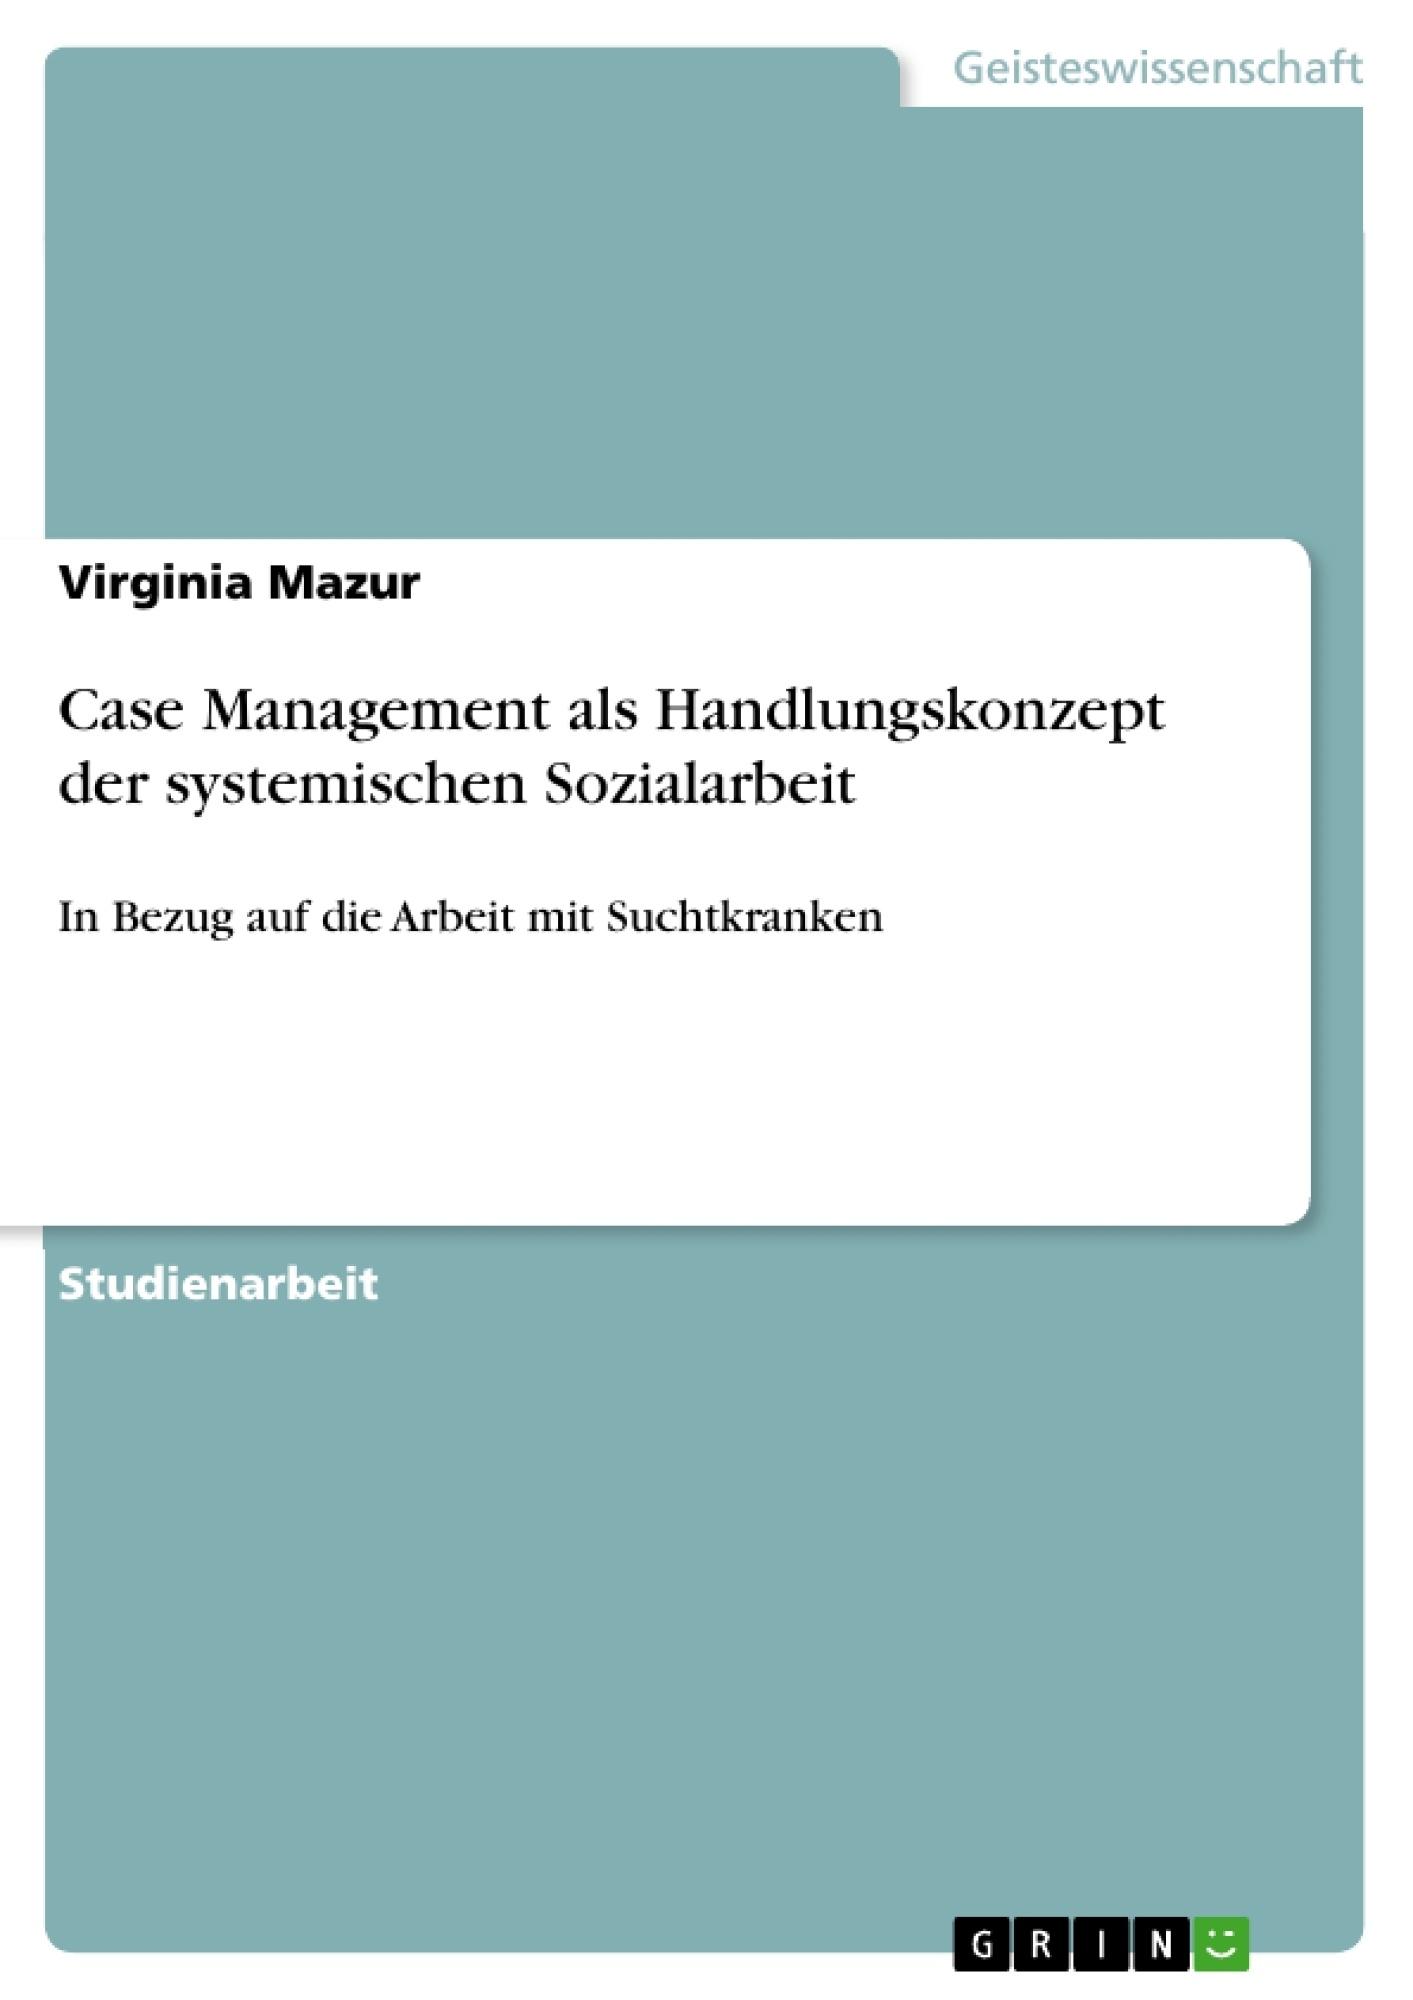 Titel: Systemische Sozialarbeit - Case Management in der Arbeit mit Suchtkranken